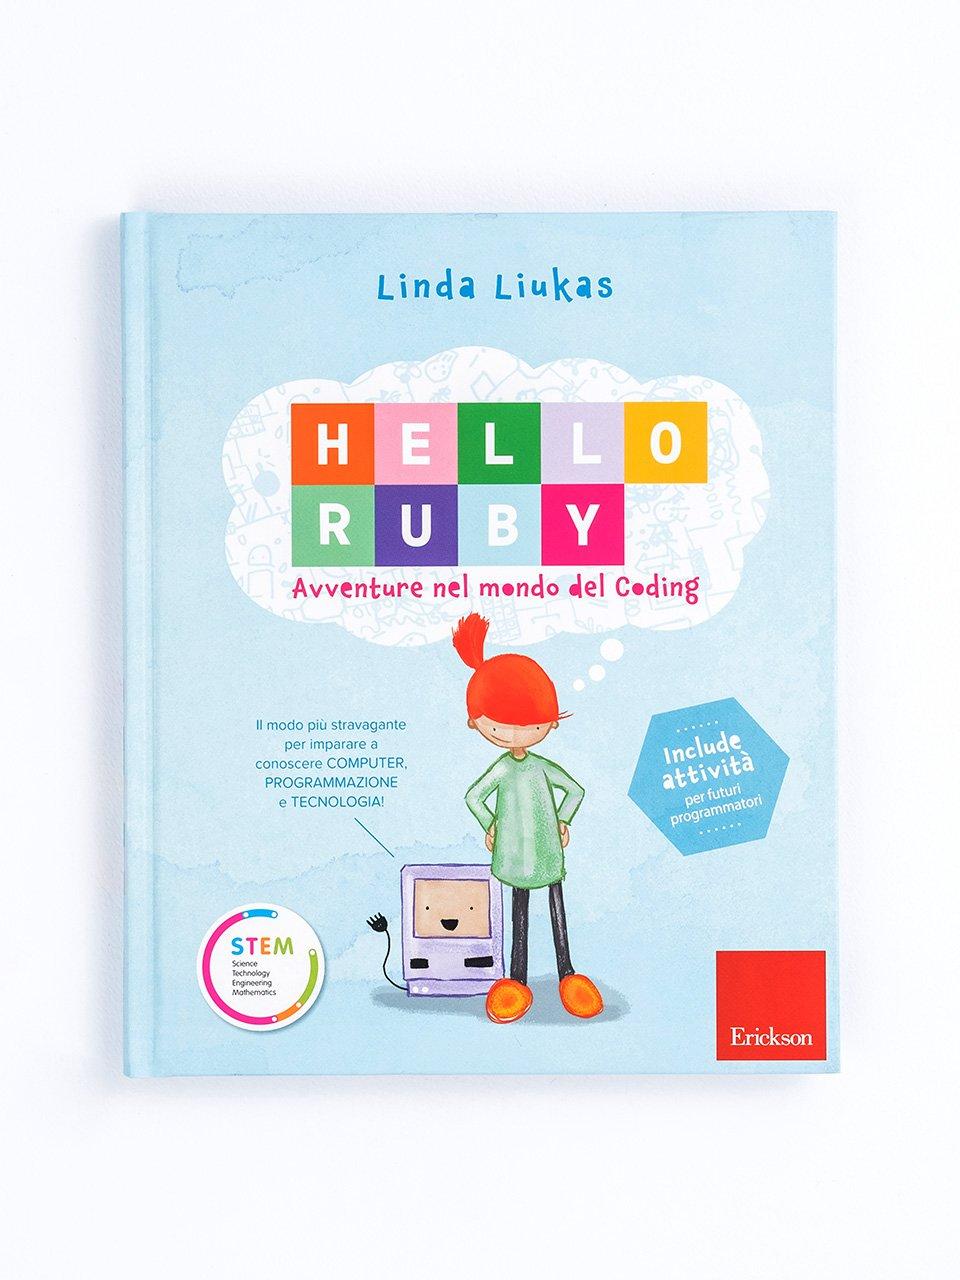 HELLO RUBY - Avventure nel mondo del coding - Libri - Erickson